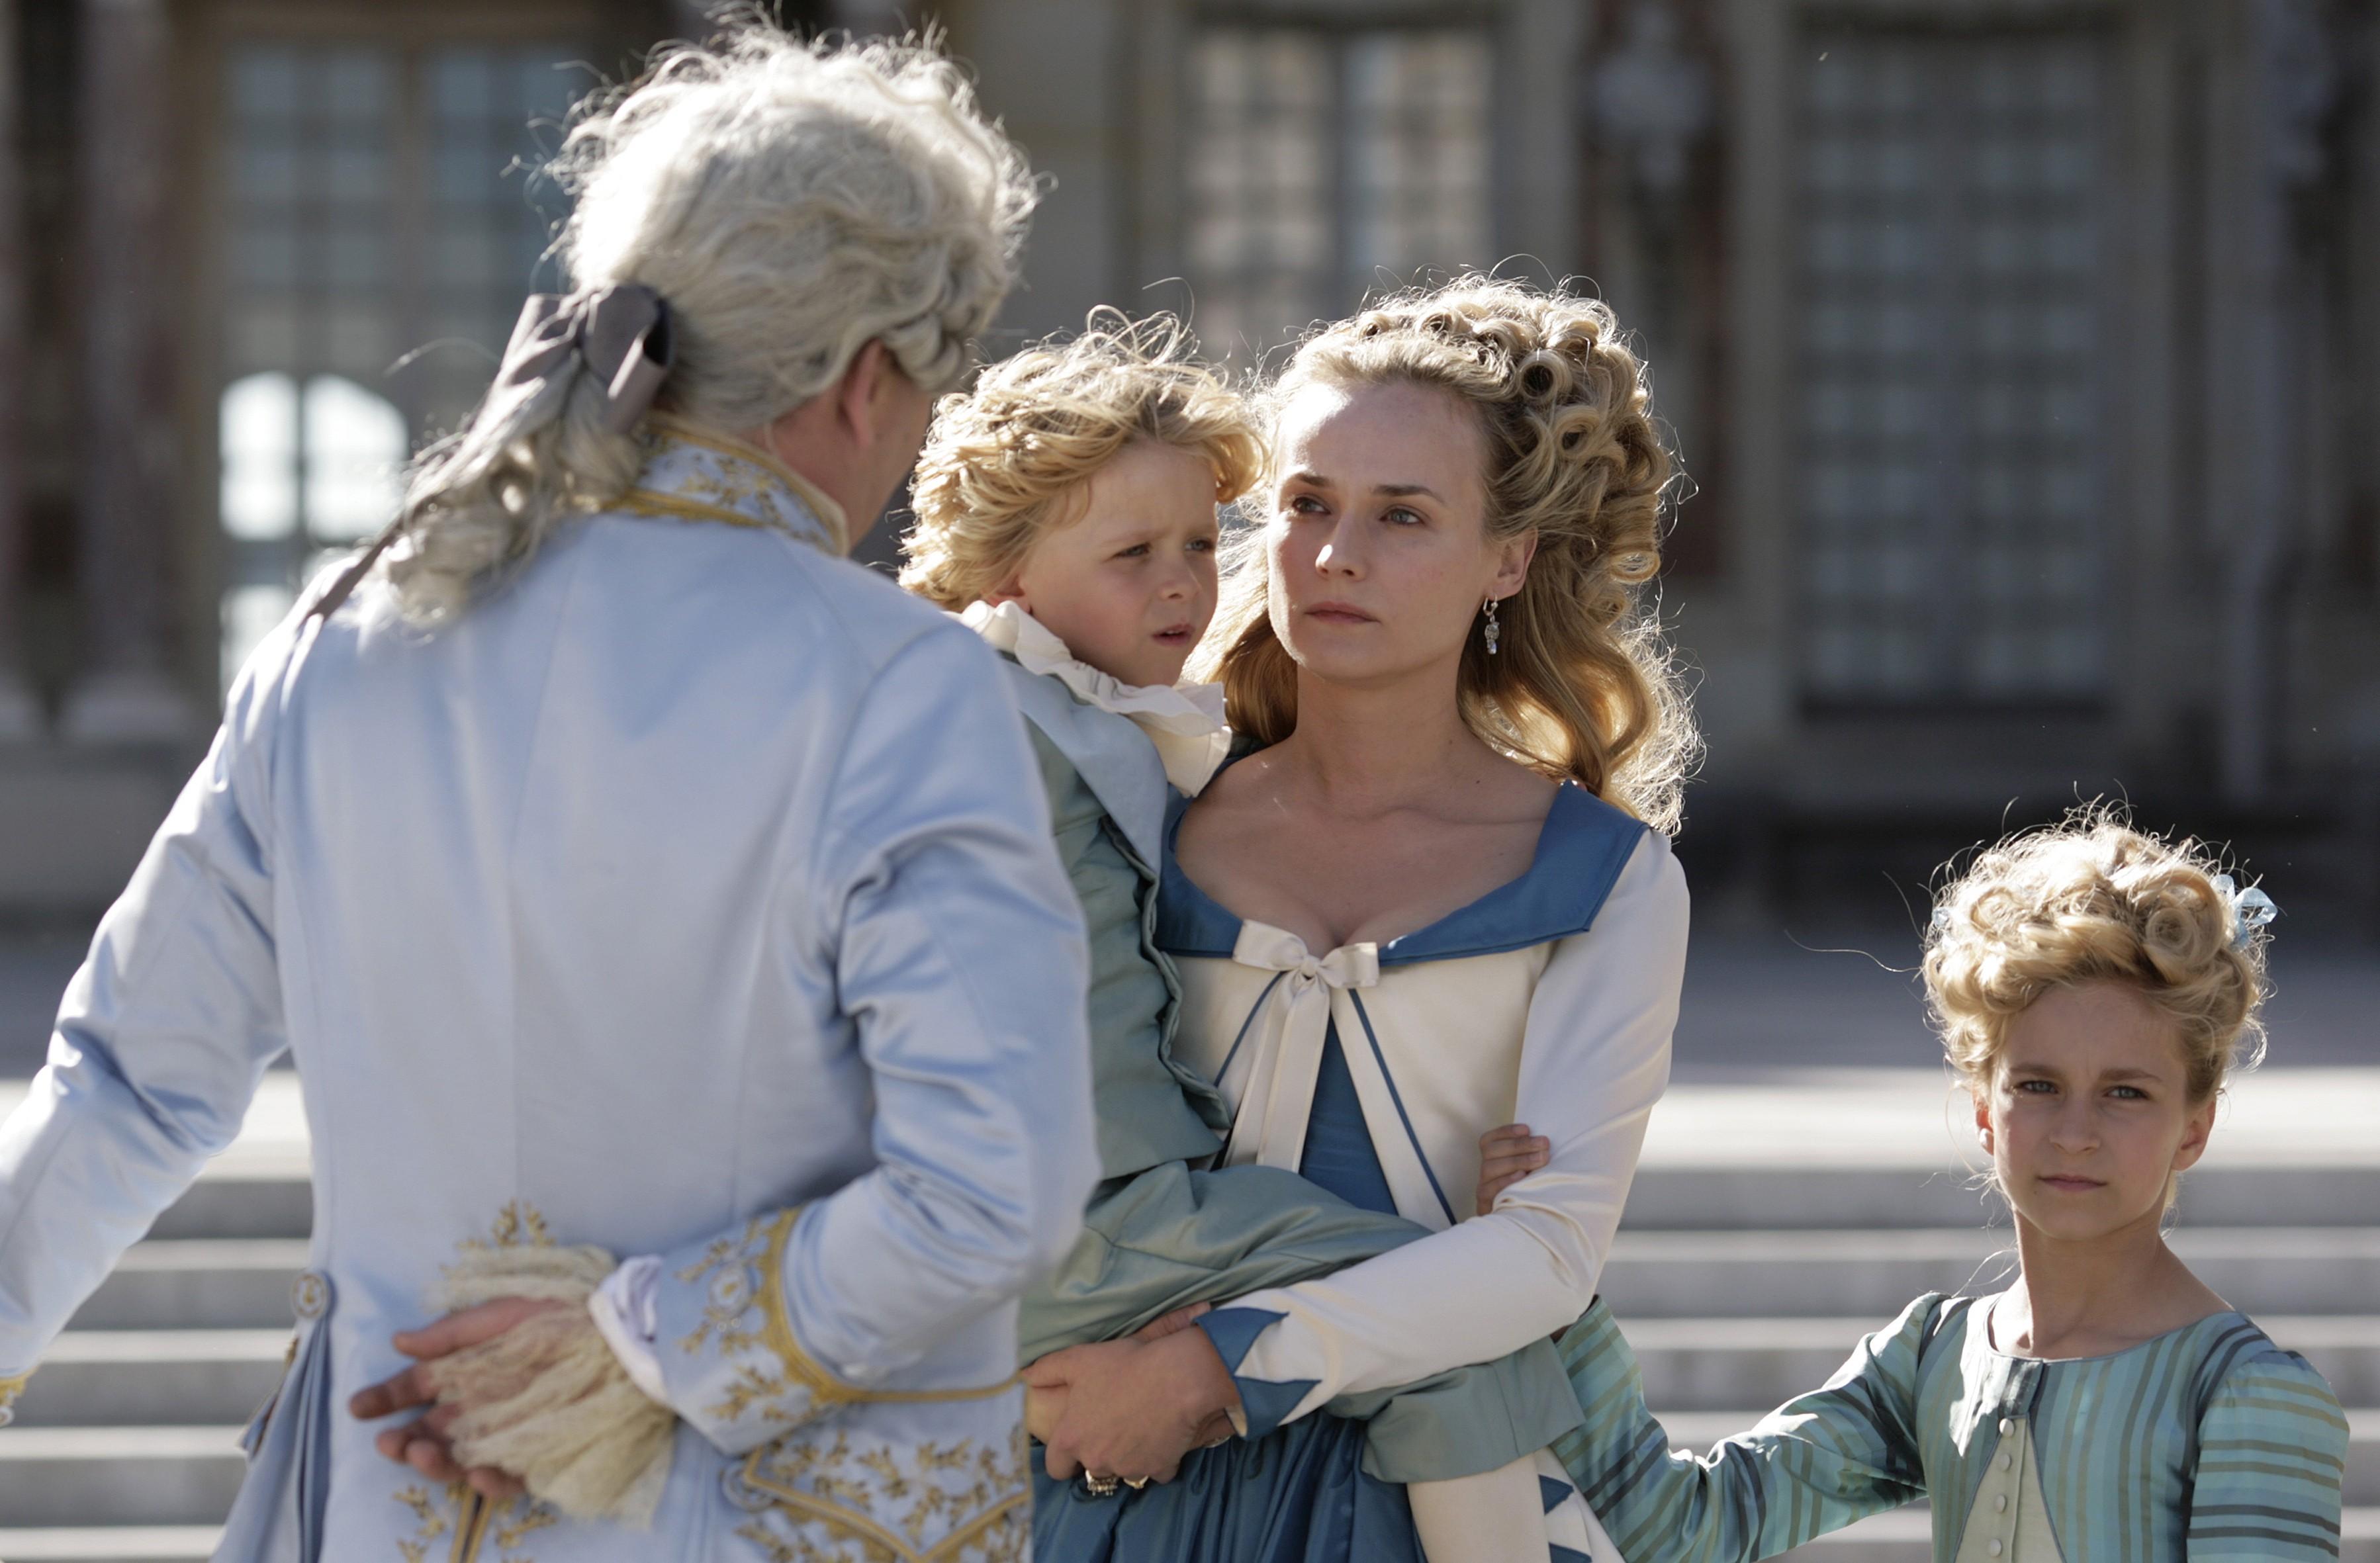 кадры из фильма Прощай, моя королева Диана Крюгер,